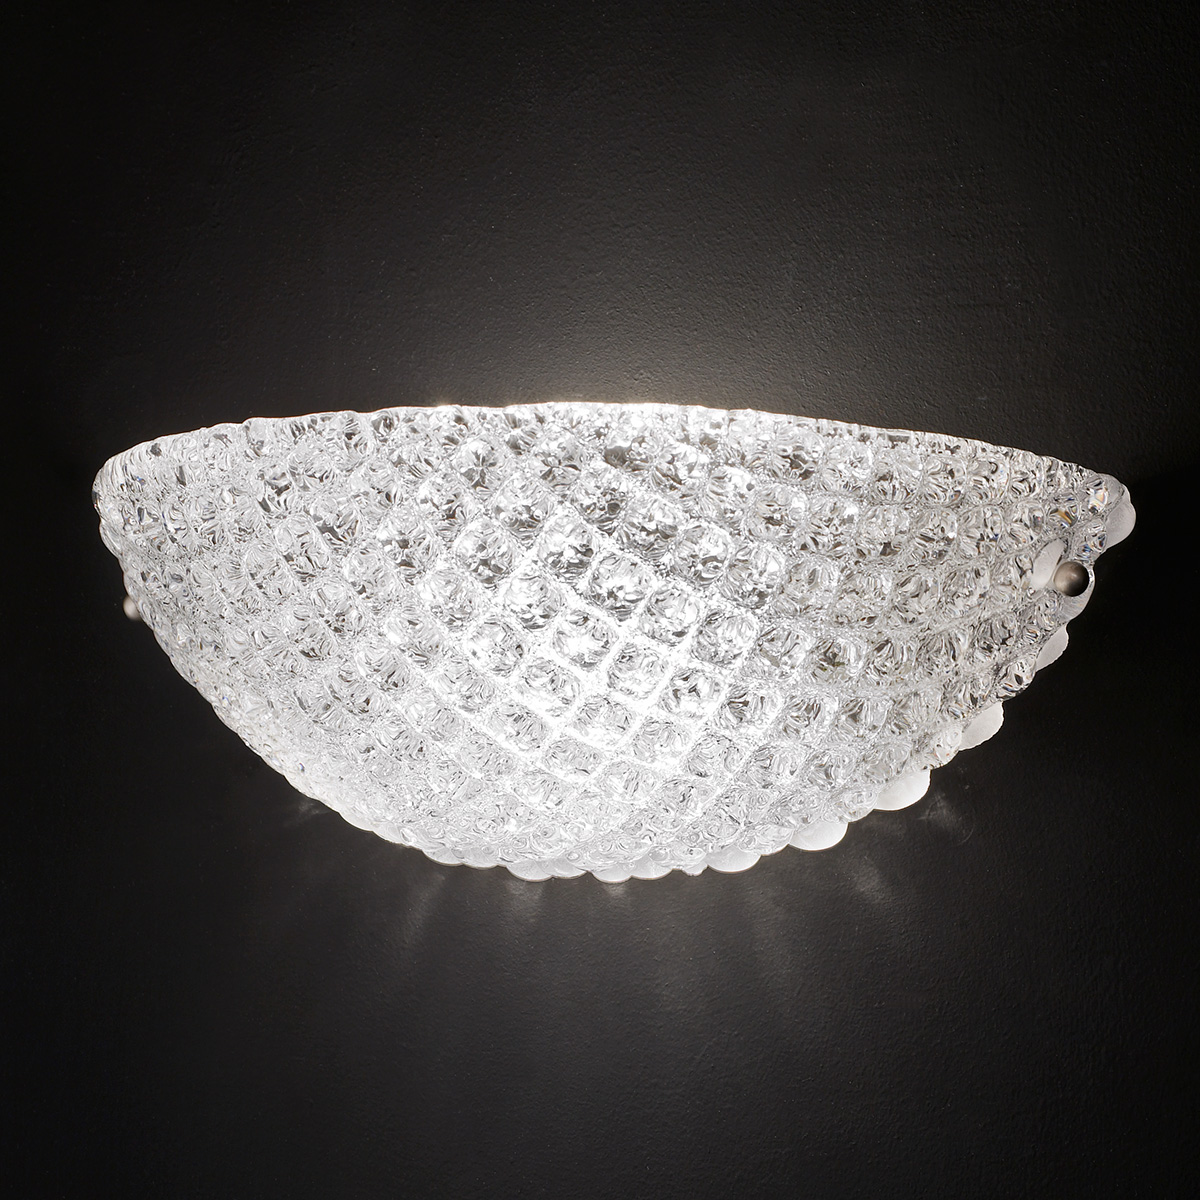 Κλασική απλίκα Μουράνο QUADRI classic Murano wall lamp